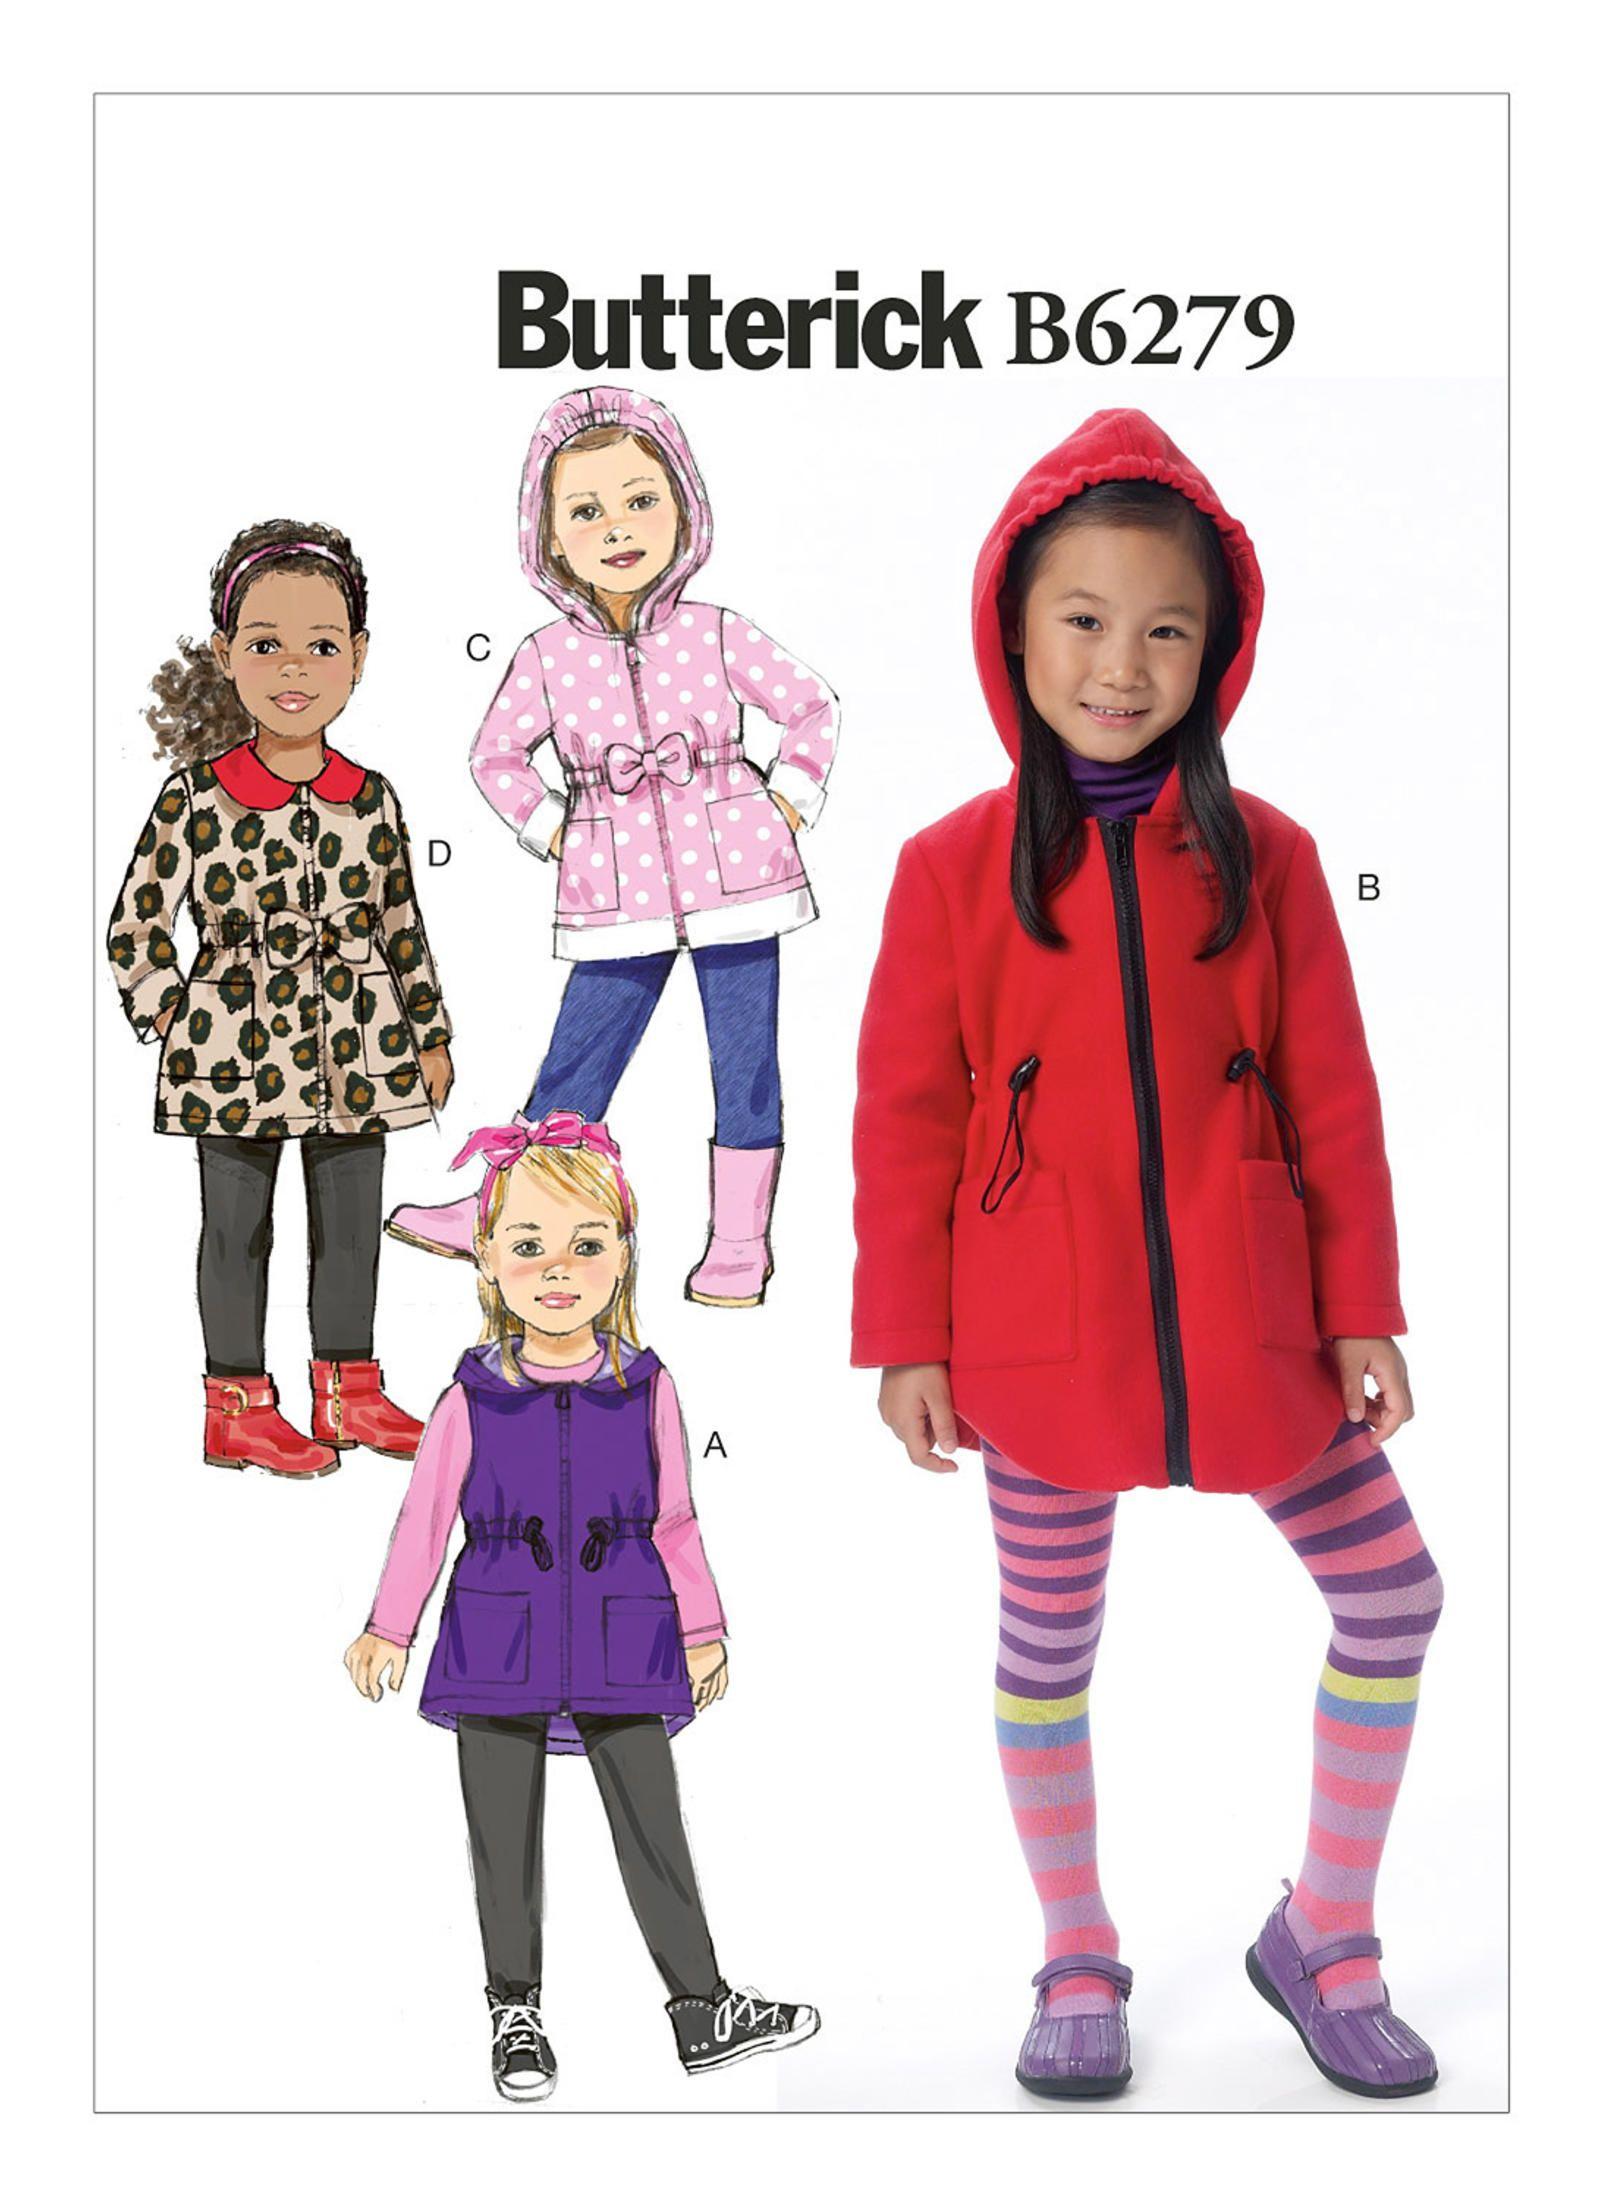 13c77e95cf966 Butterick 6279. Butterick 6279 Kids Patterns ...